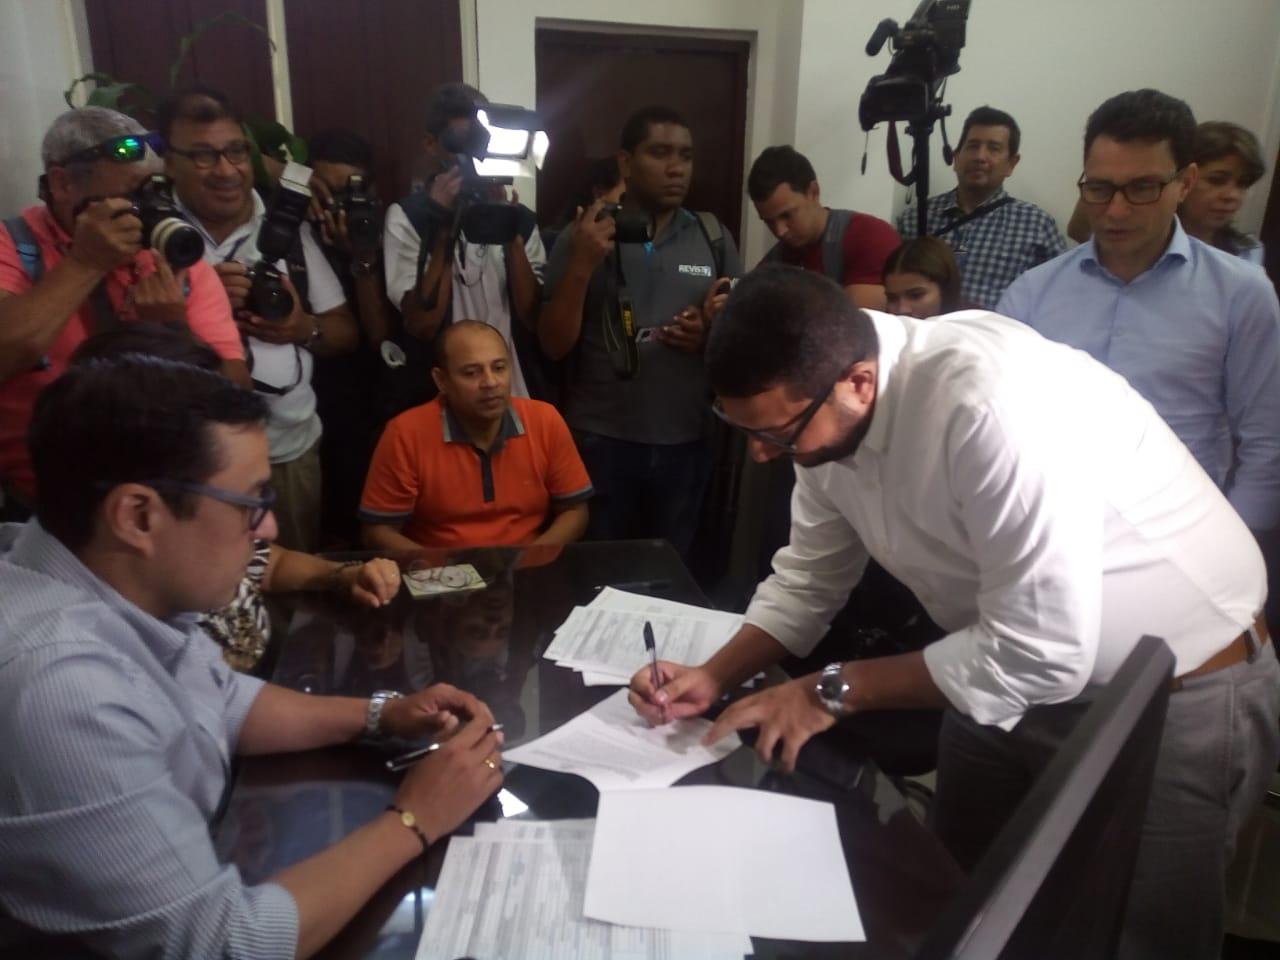 Inscripción del comité que recogerá las firmas para las candidaturas de Fuerza Ciudadana.